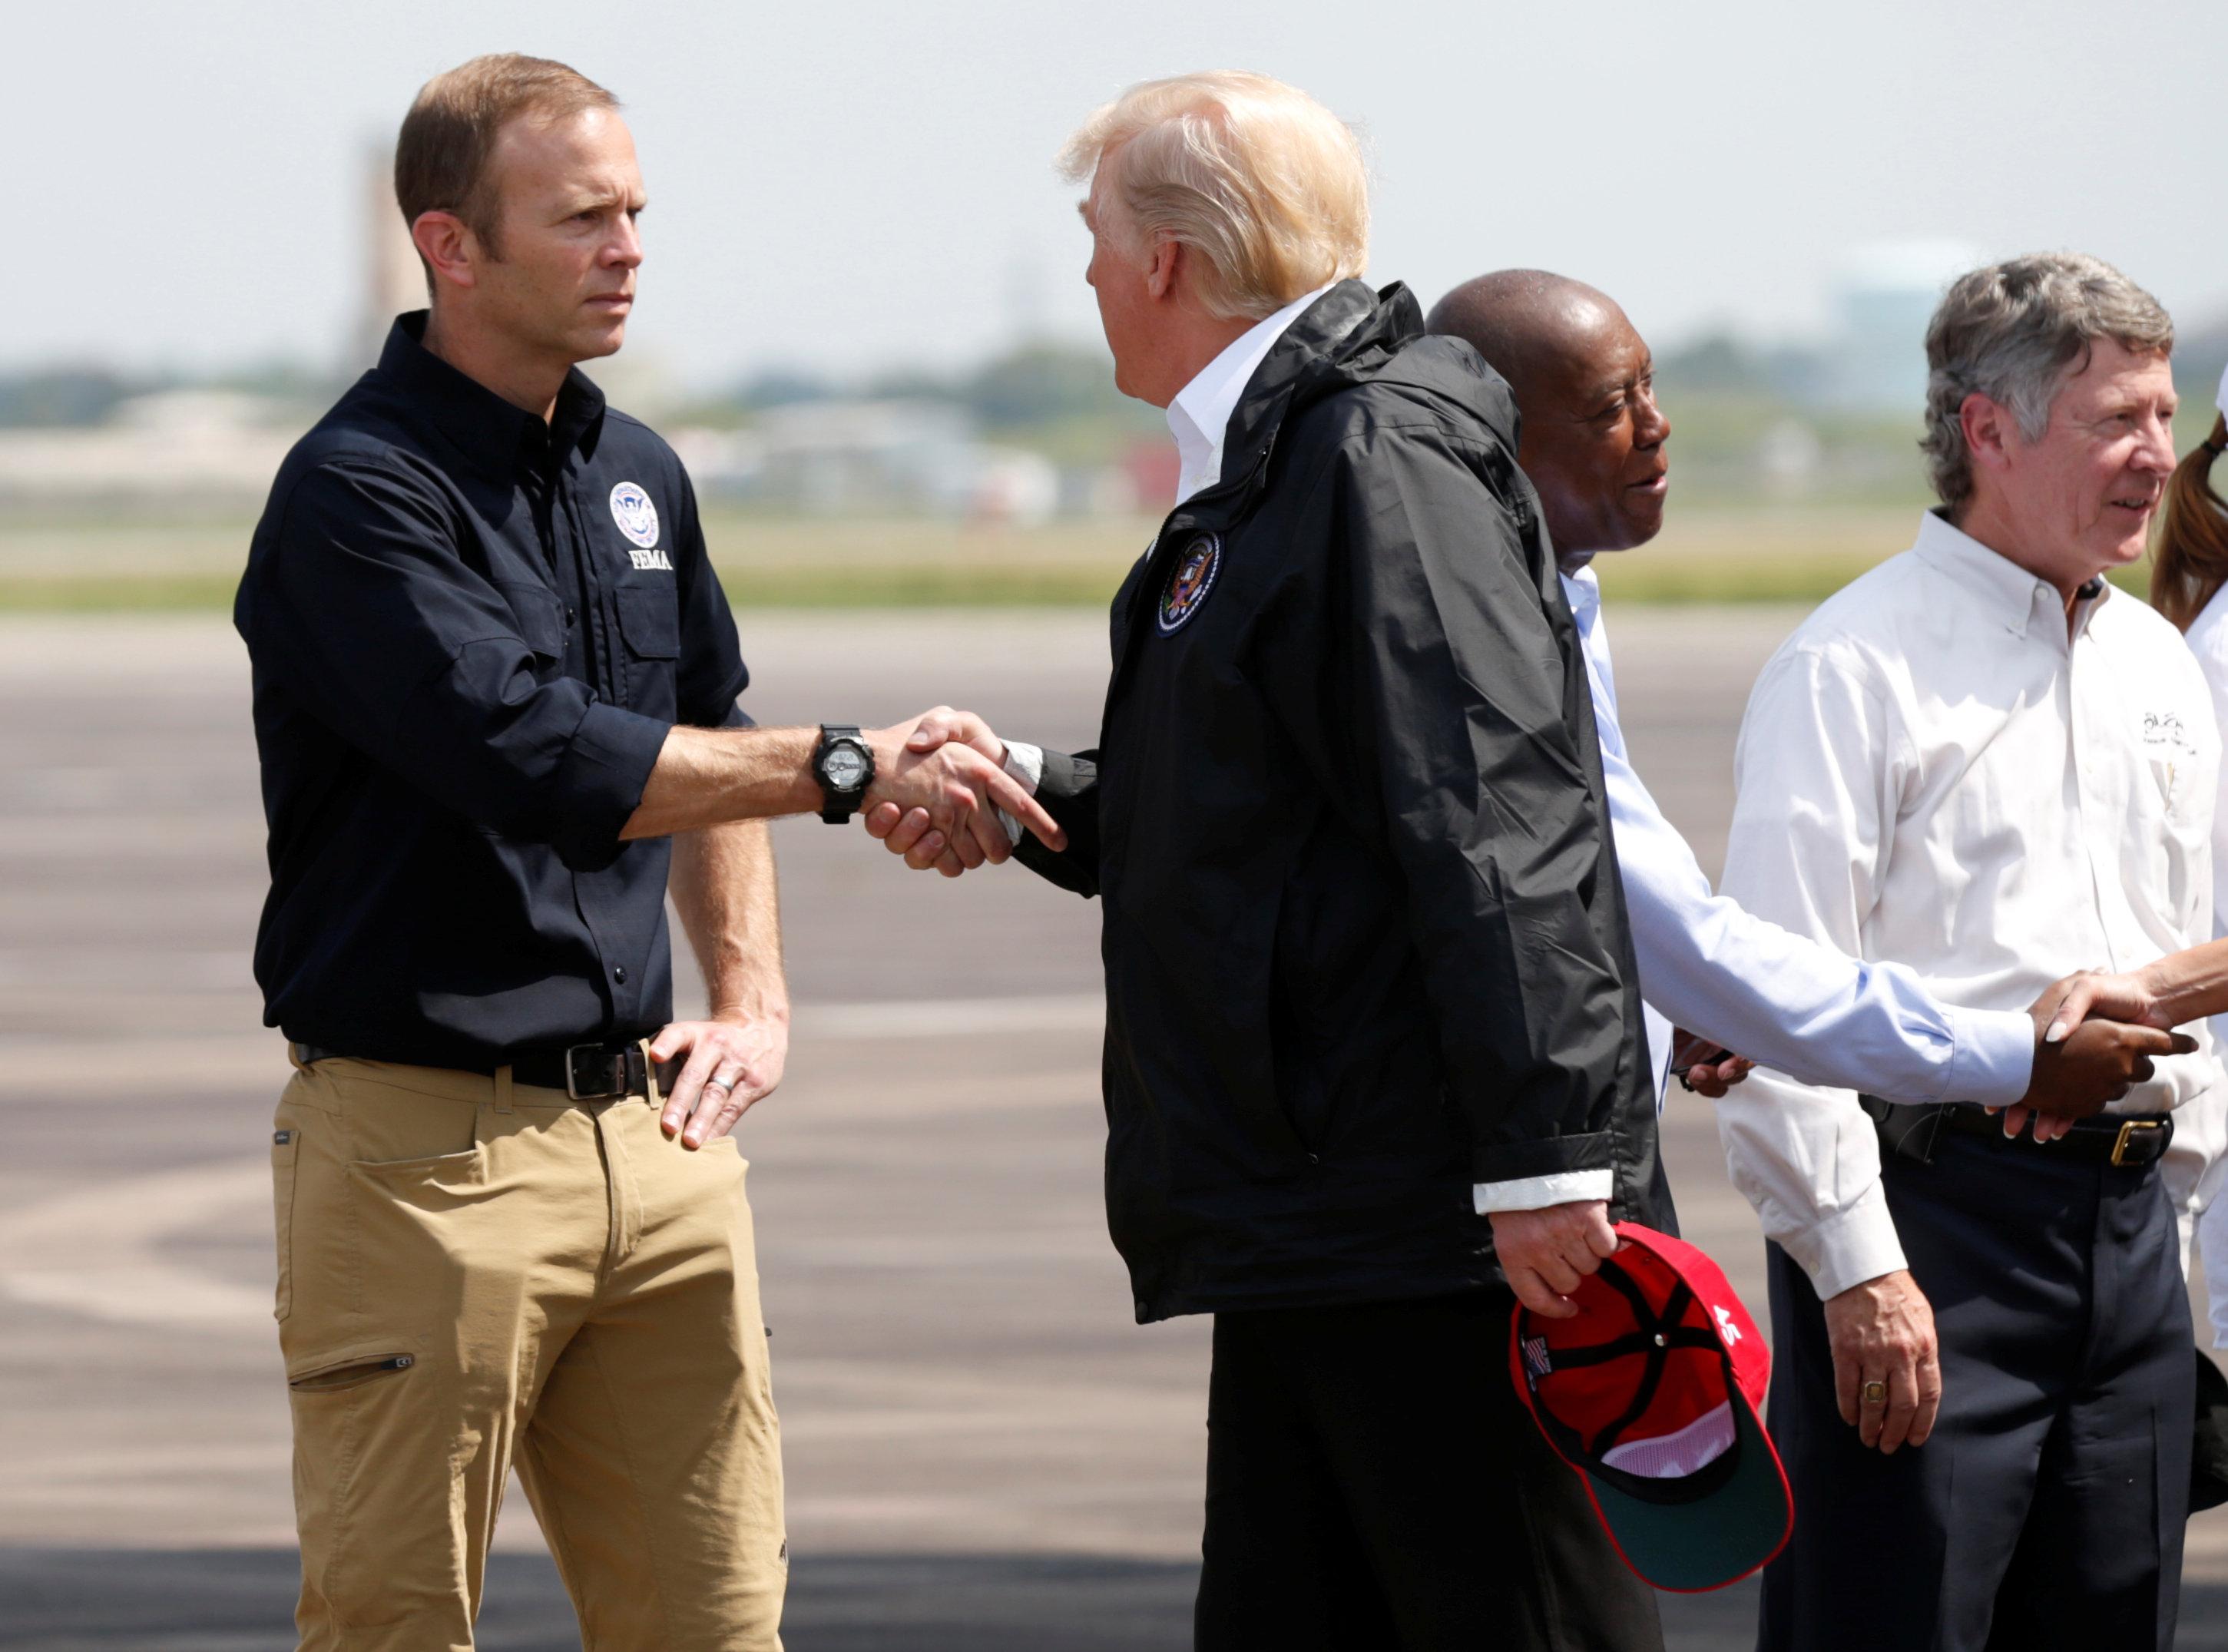 U.S. President Donald Trump meets FEMA Director Brock Long (REUTERS/Kevin Lamarque)